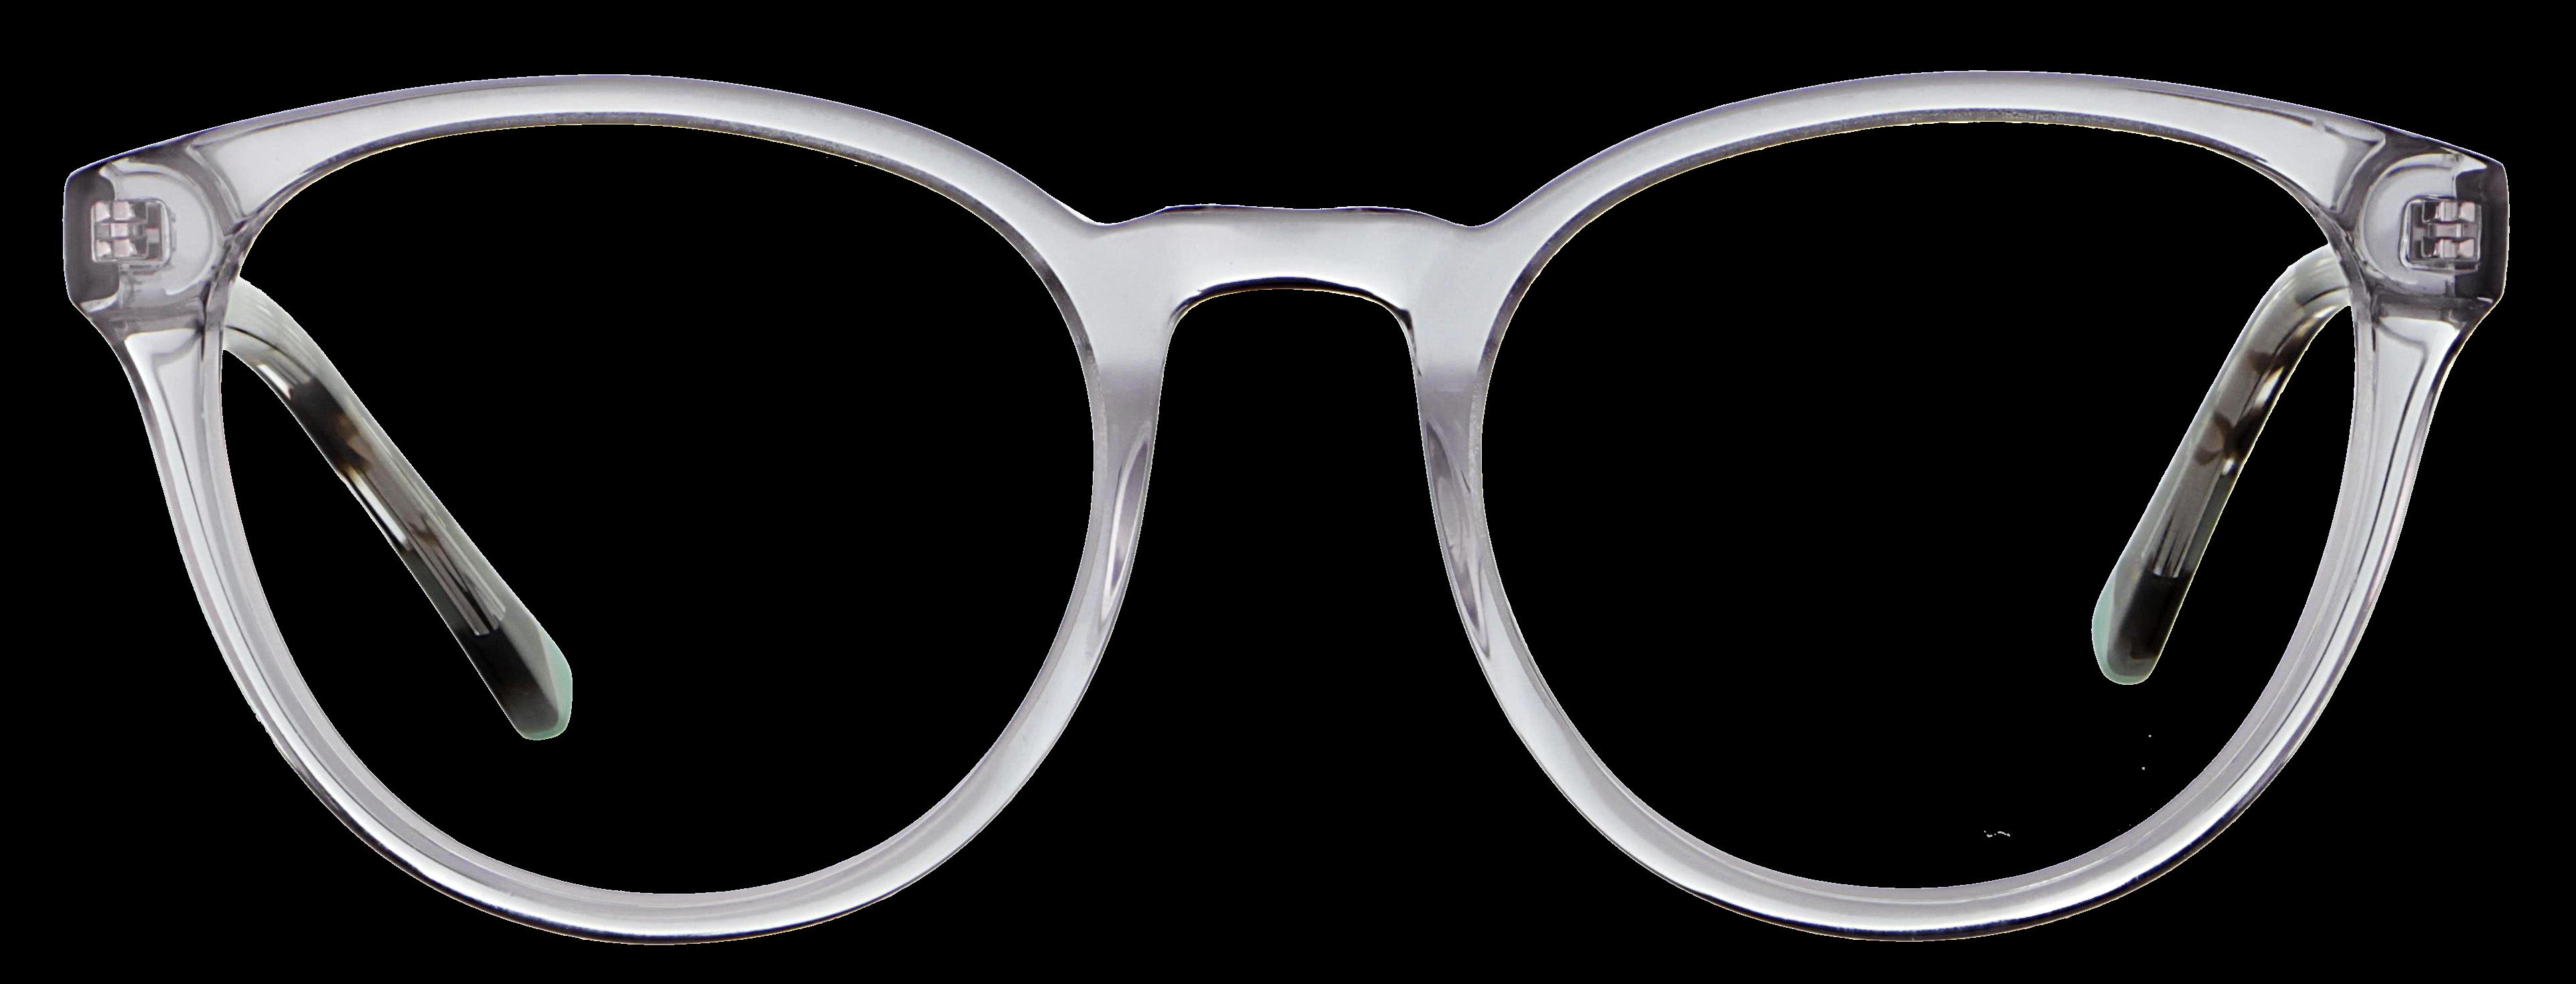 abele optik Brille 140341